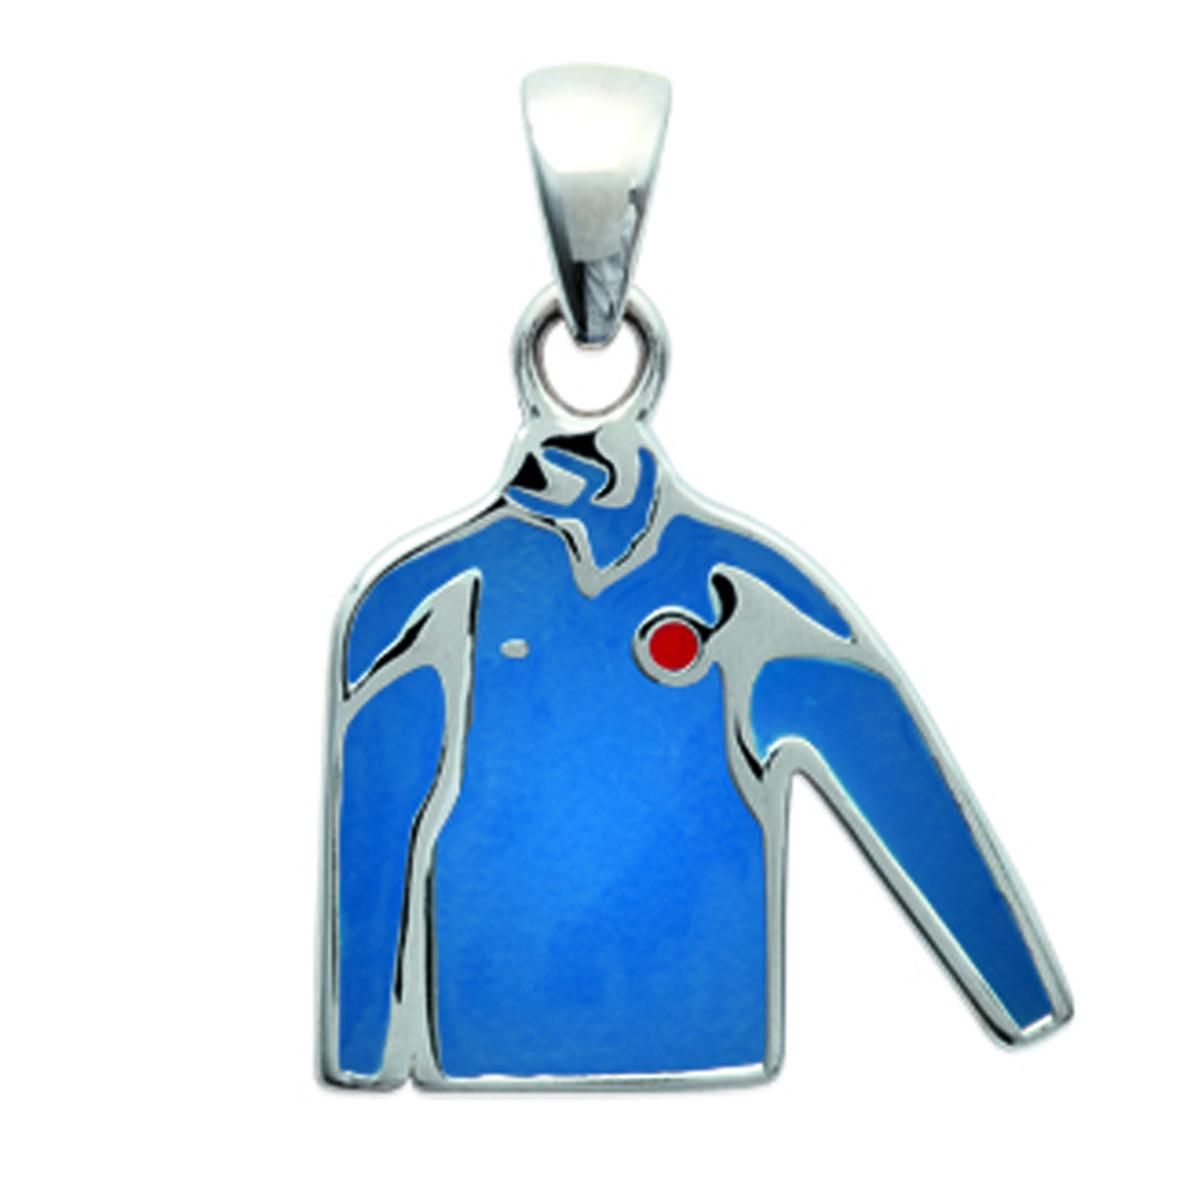 Pendentif Argent \'Gardien de but\' bleu argenté - 17x15 mm - [K9316]